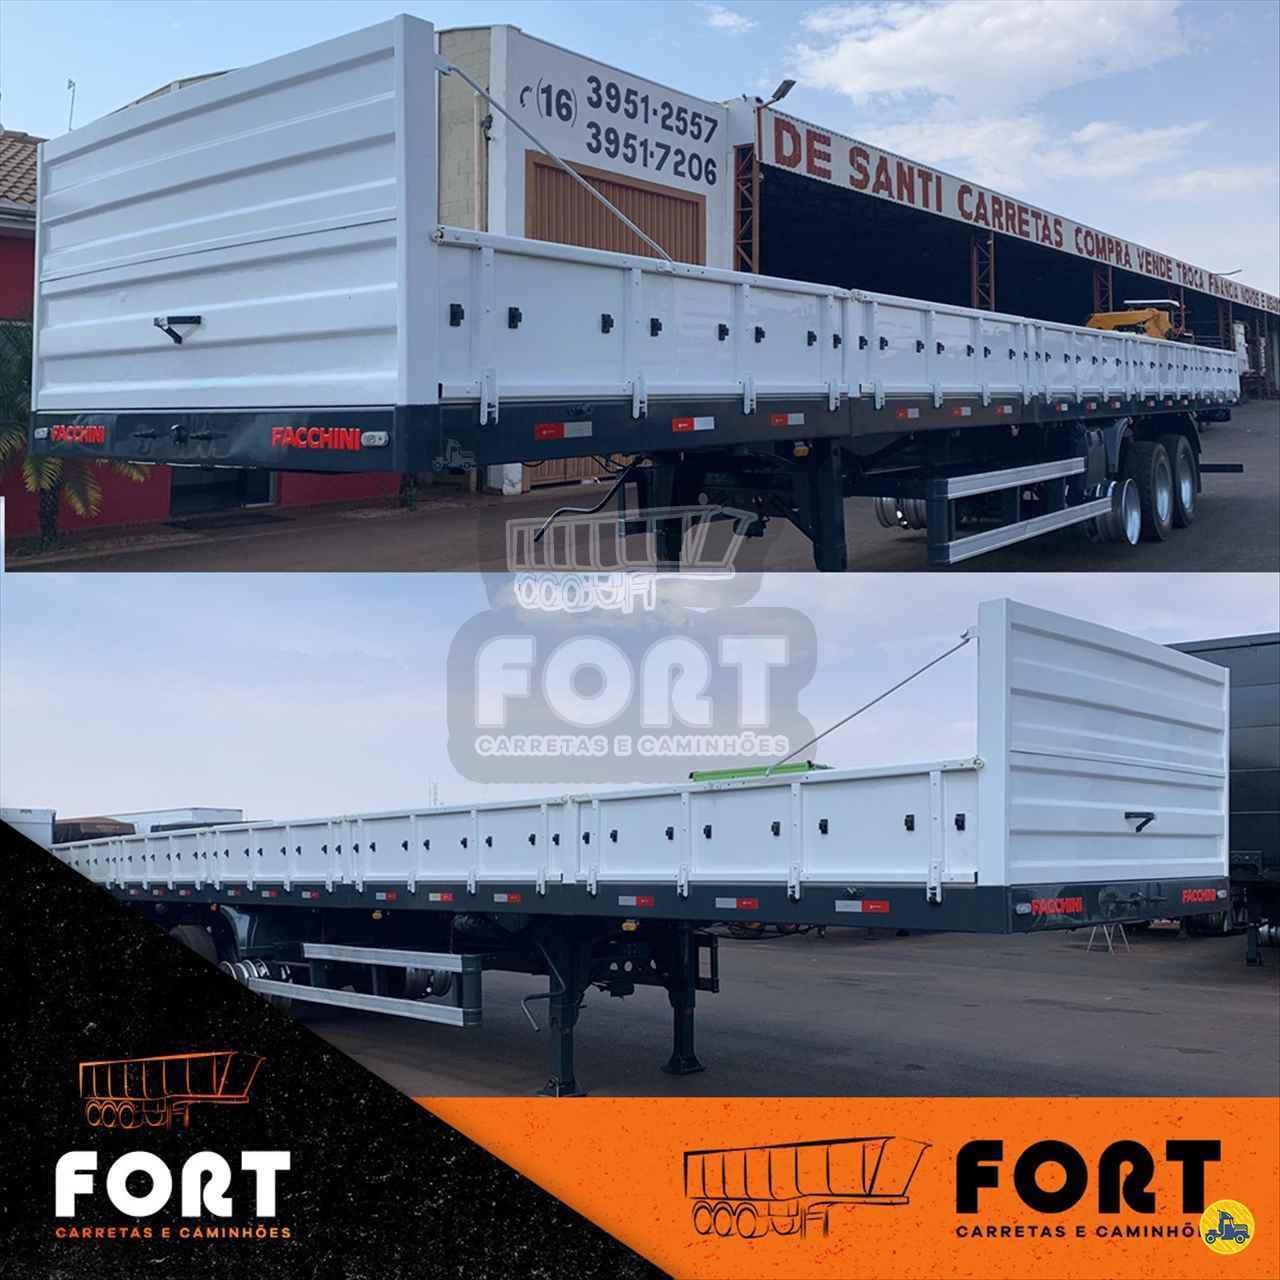 CARGA SECA de Fort Carretas e Caminhões - CRAVINHOS/SP